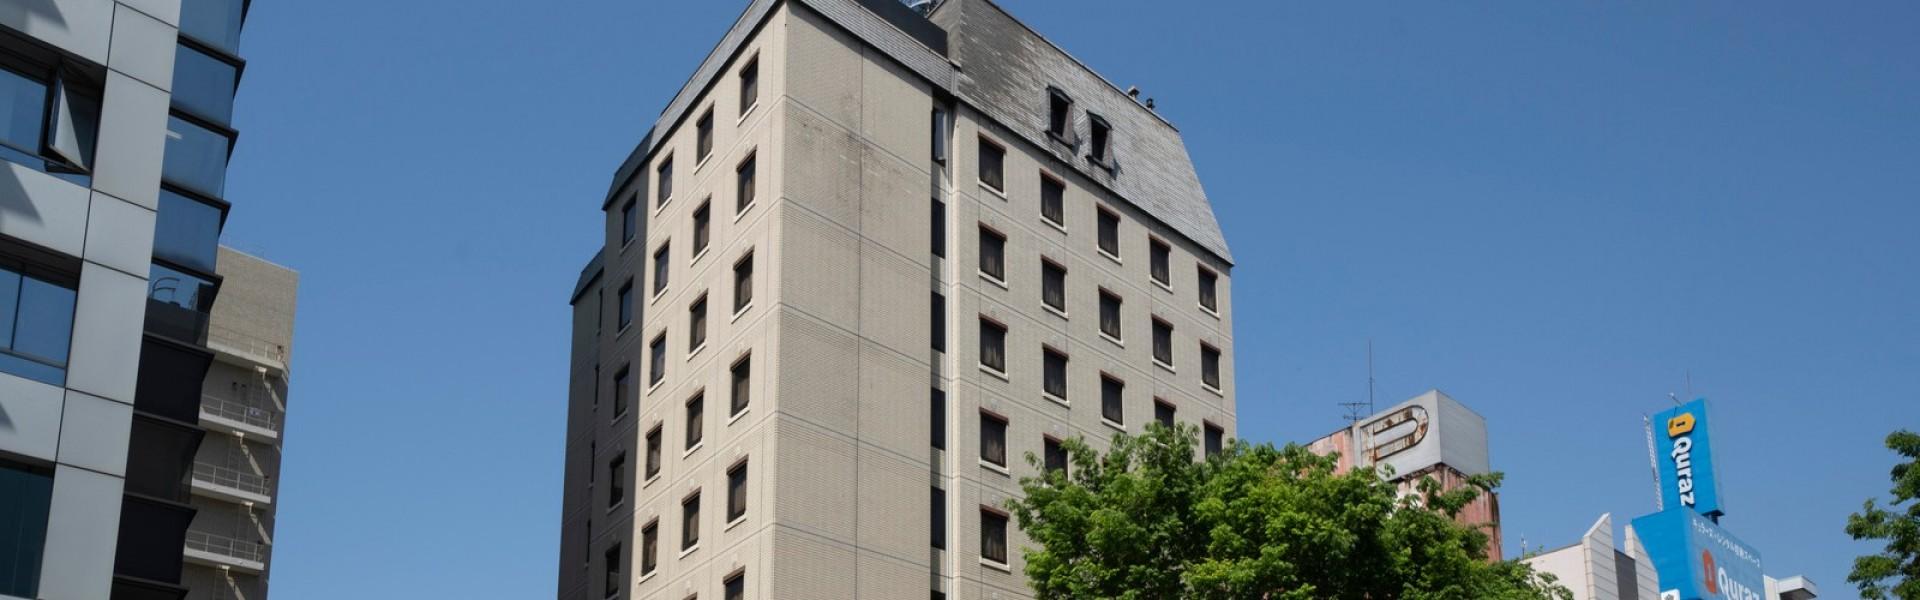 名古屋 プル ホテル 栄 エス ホテルエスプル名古屋栄 宿泊予約【楽天トラベル】